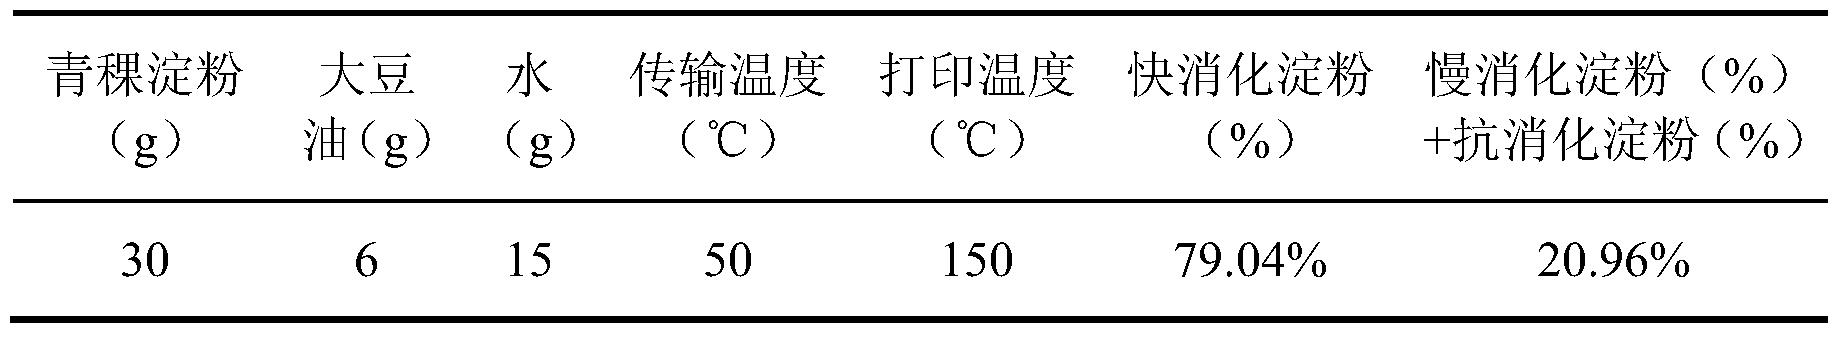 Figure PCTCN2017112099-appb-000001